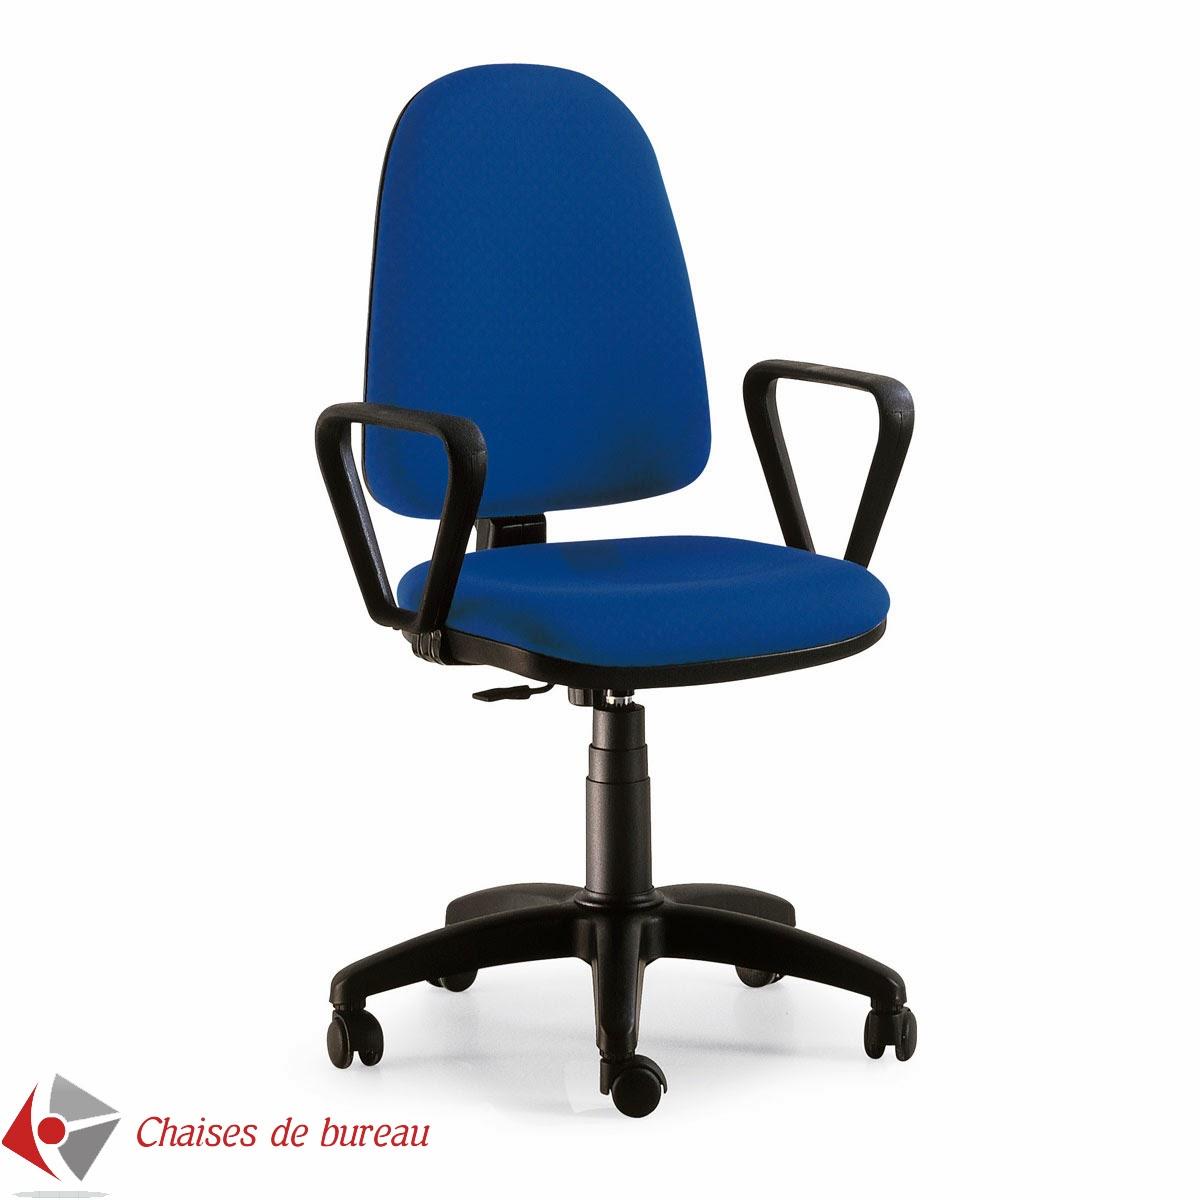 Chaise De Bureau : chaises de bureau ~ Teatrodelosmanantiales.com Idées de Décoration